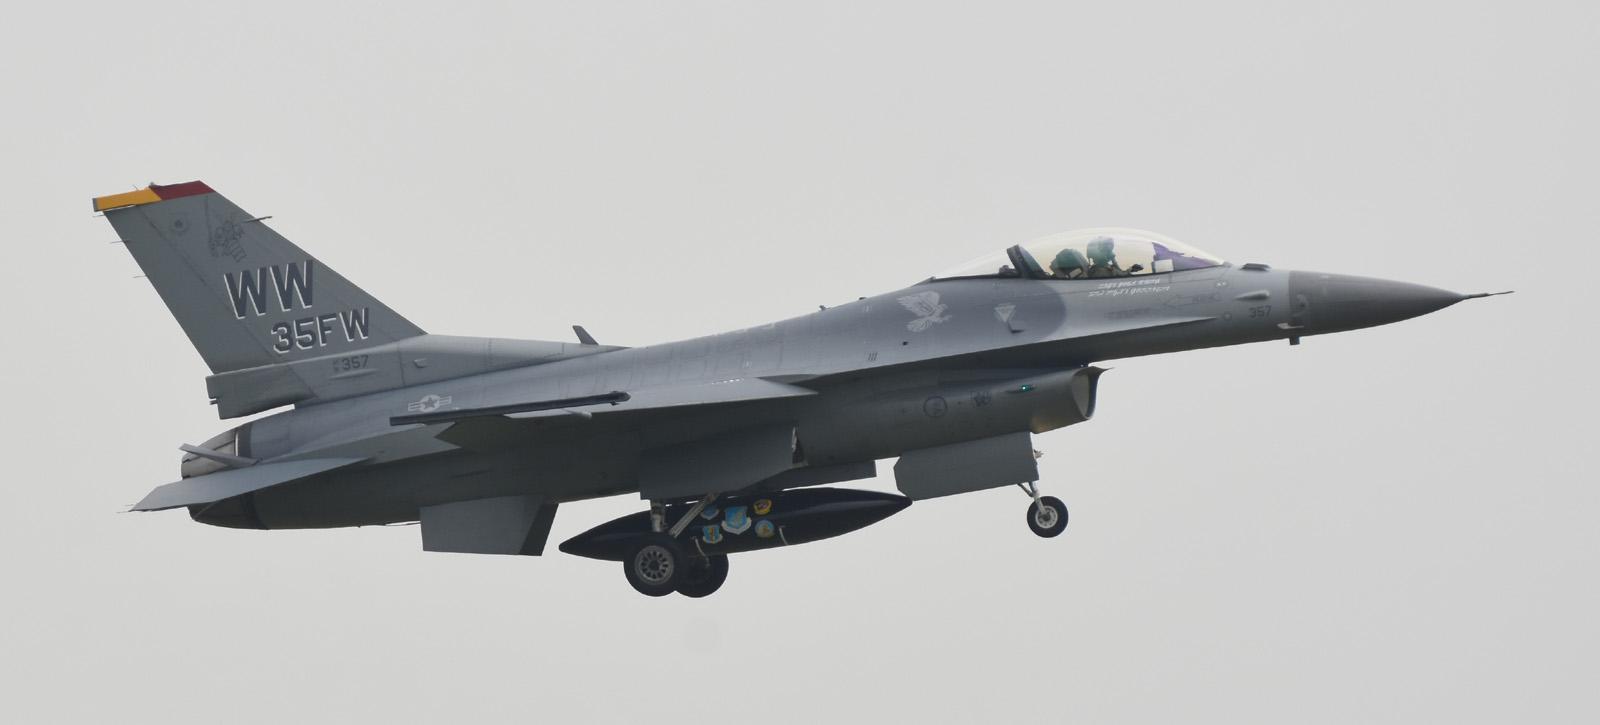 F16cm180502g121